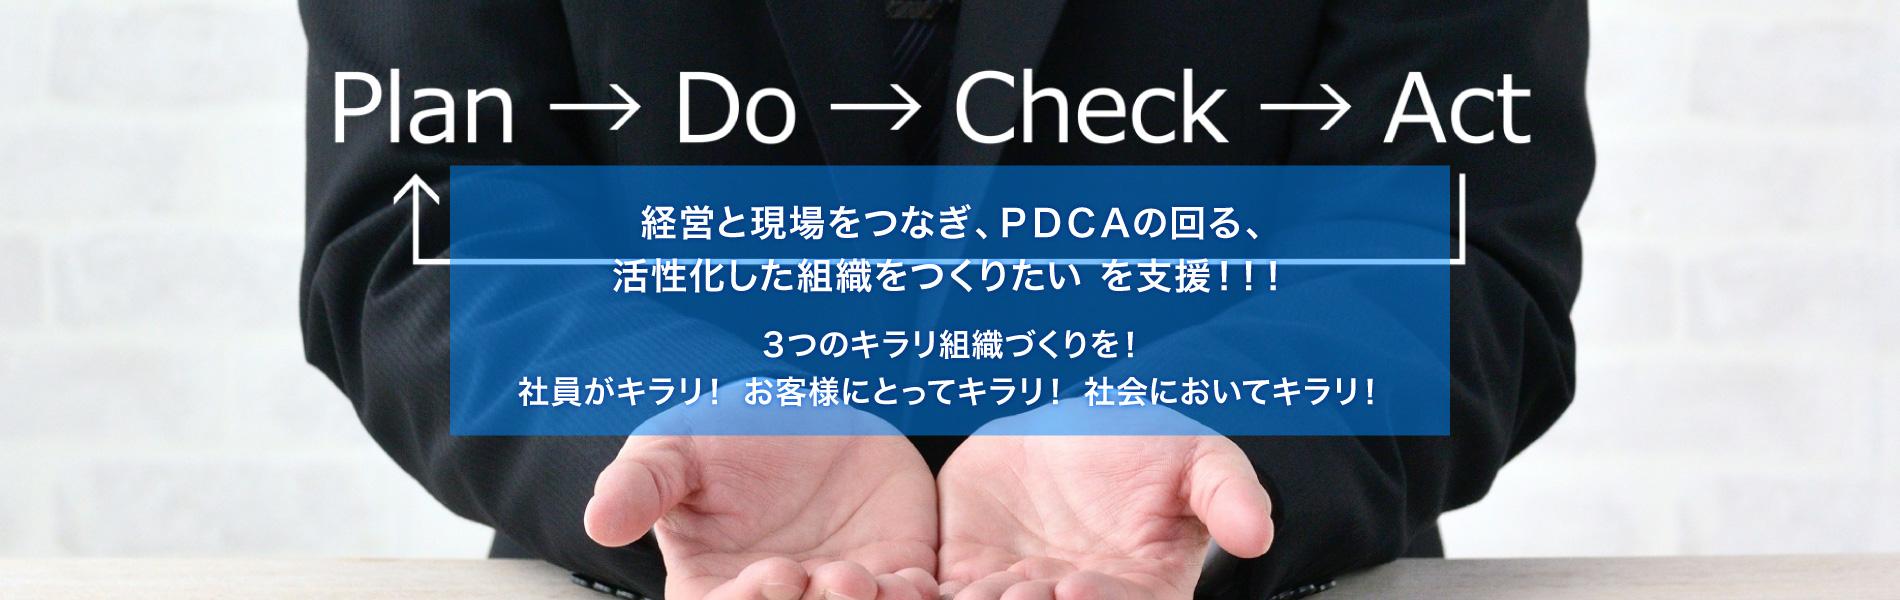 経営と現場をつなぎ、PDCAの回る、活性化した組織を作りたいを支援!!3つのキラリ組織づくりを!社員がキラリ!お客様にとってキラリ!社会においてキラリ!